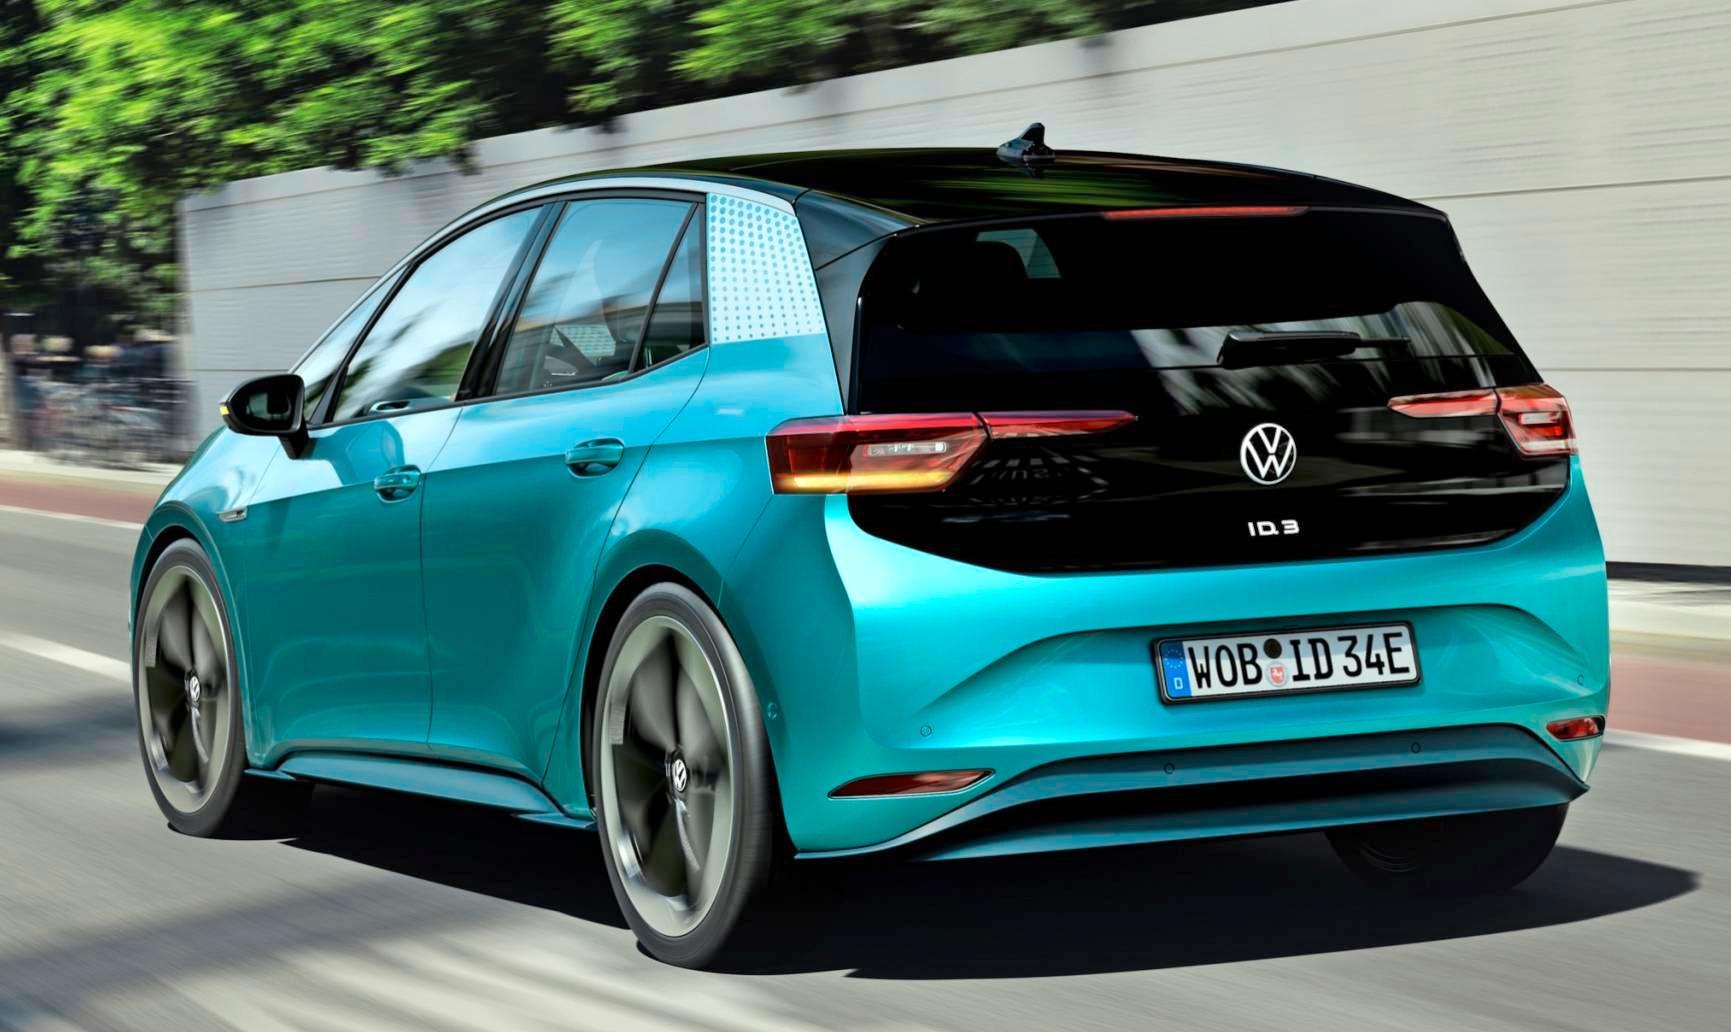 Der ID.3 startet mit einem 150 kW/204 PS starken Elektromotor und drei Batteriegrößen. Das Basismodell, das für unter 30000 Euro angeboten werden soll, kommt 330 Kilometer weit. Fotos: Volkswagen